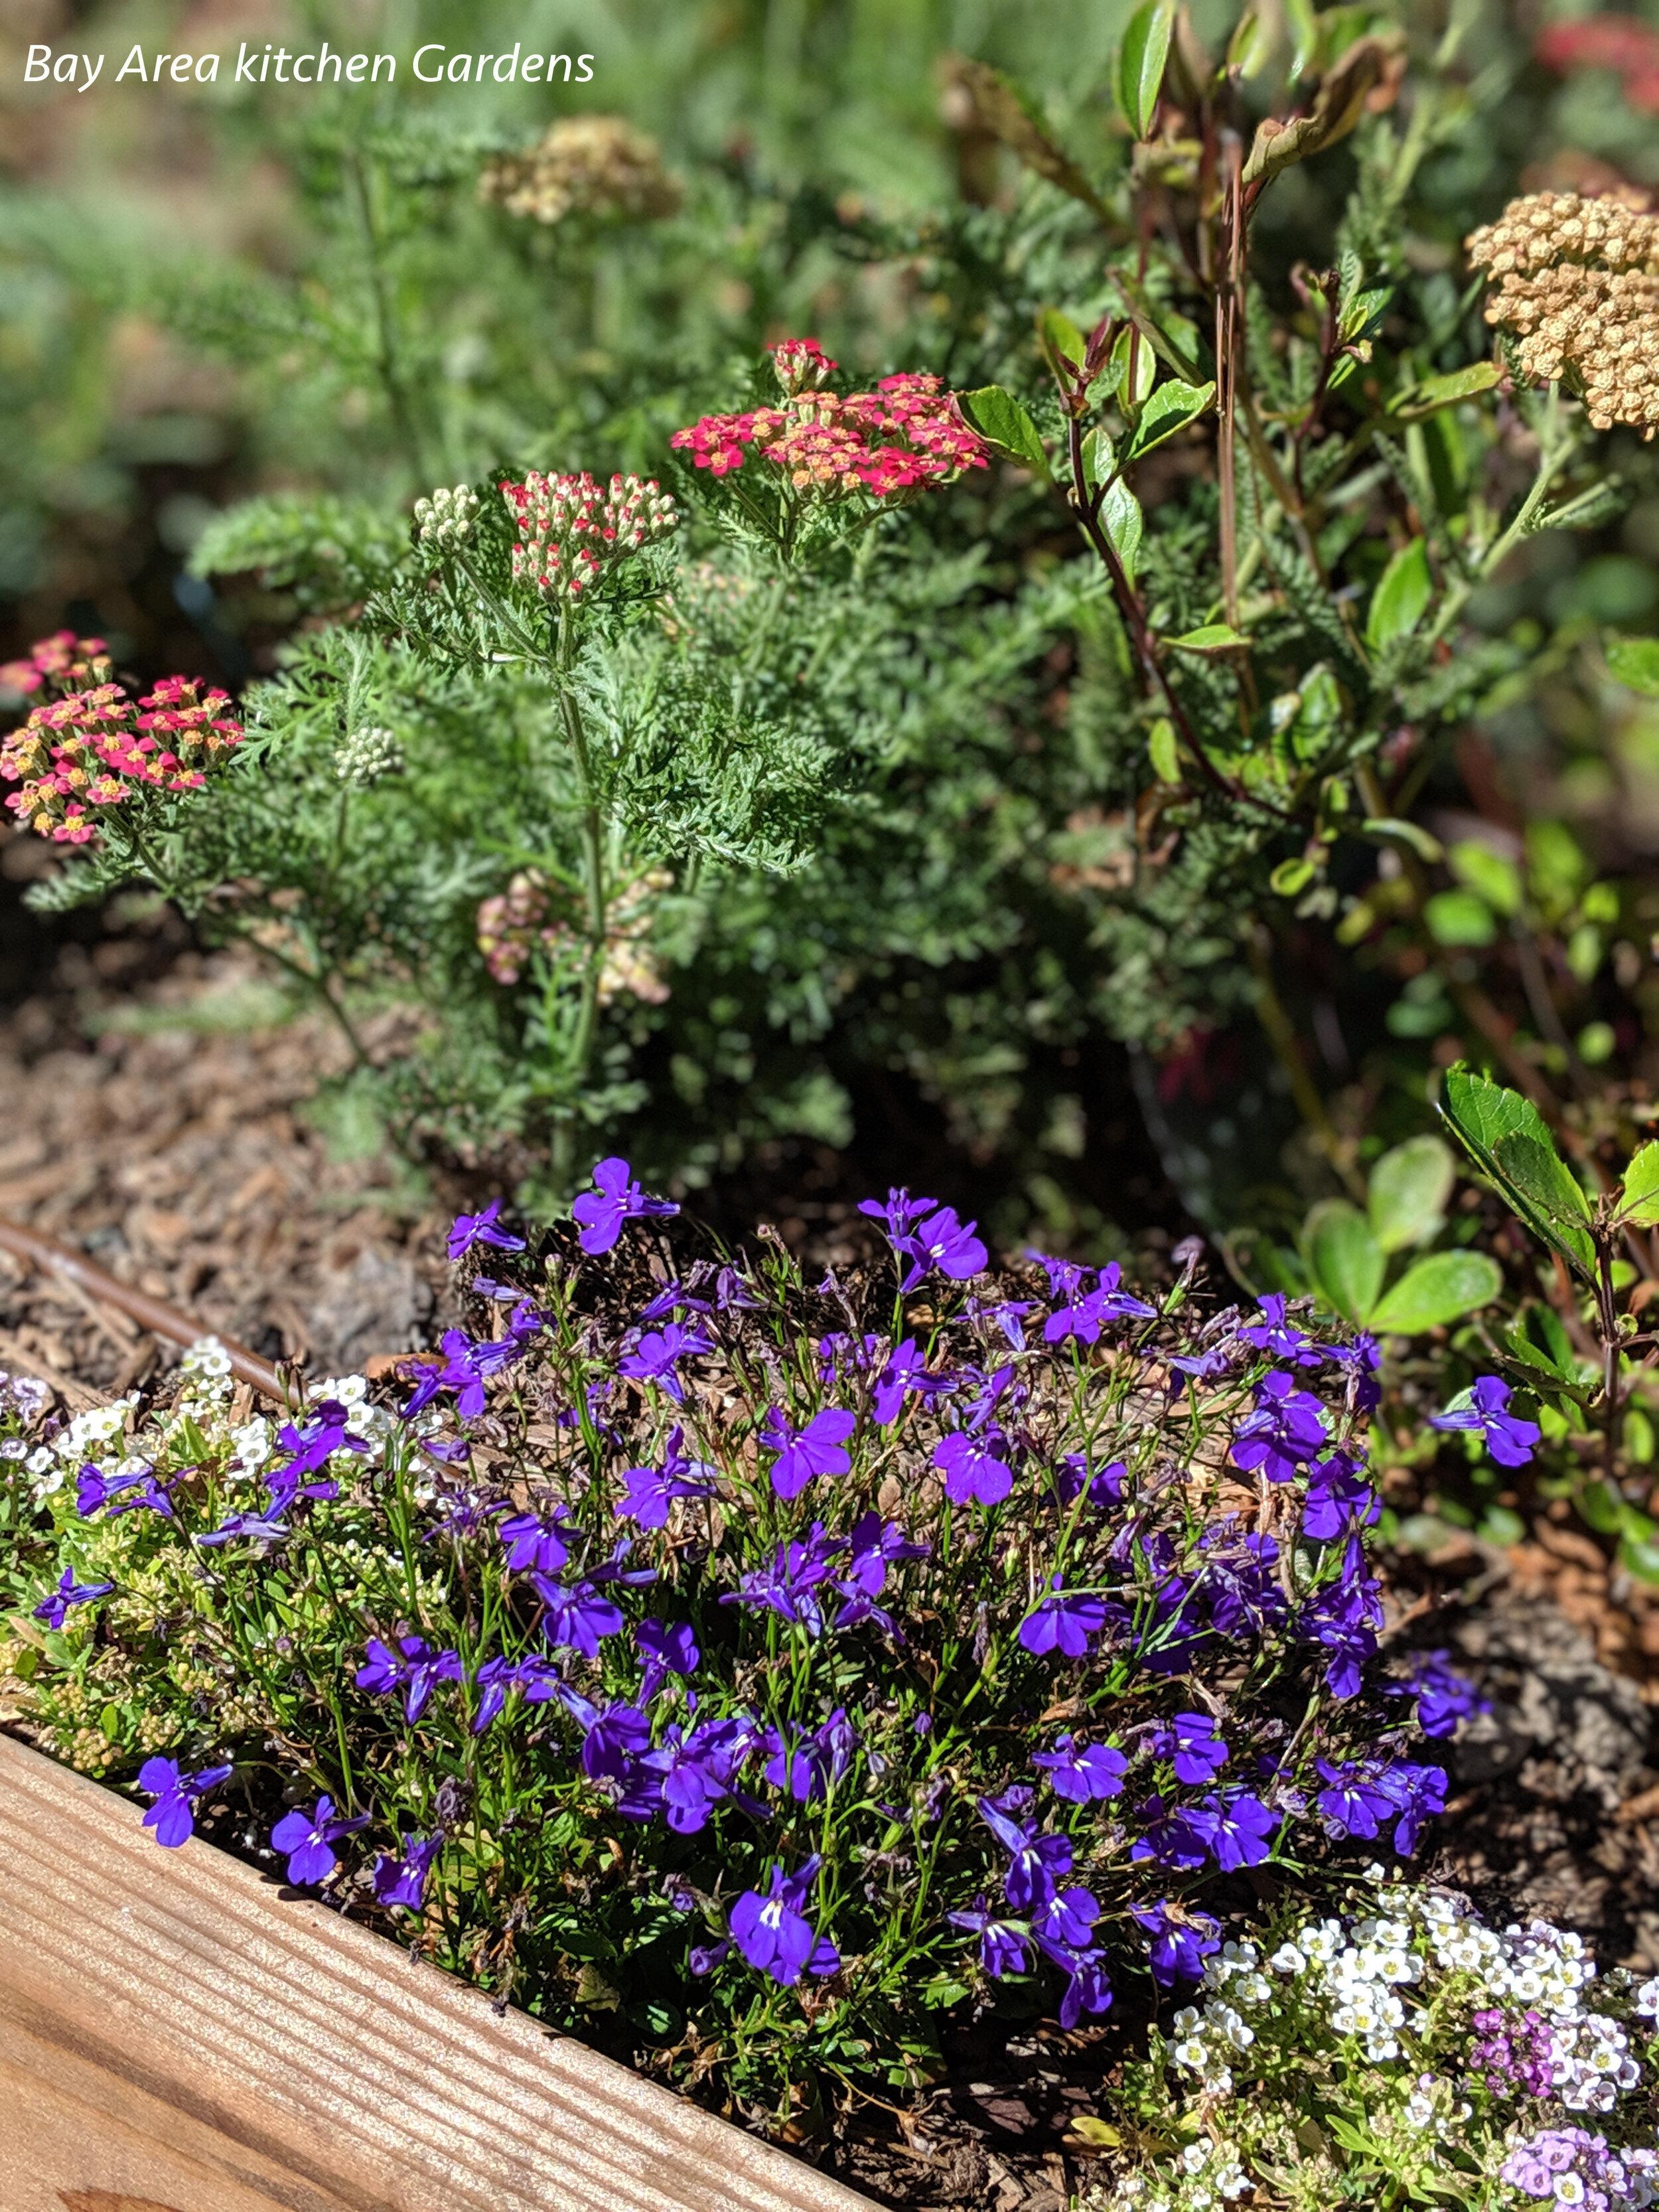 Pollinator Gardens Bay Area Kitchen Gardens